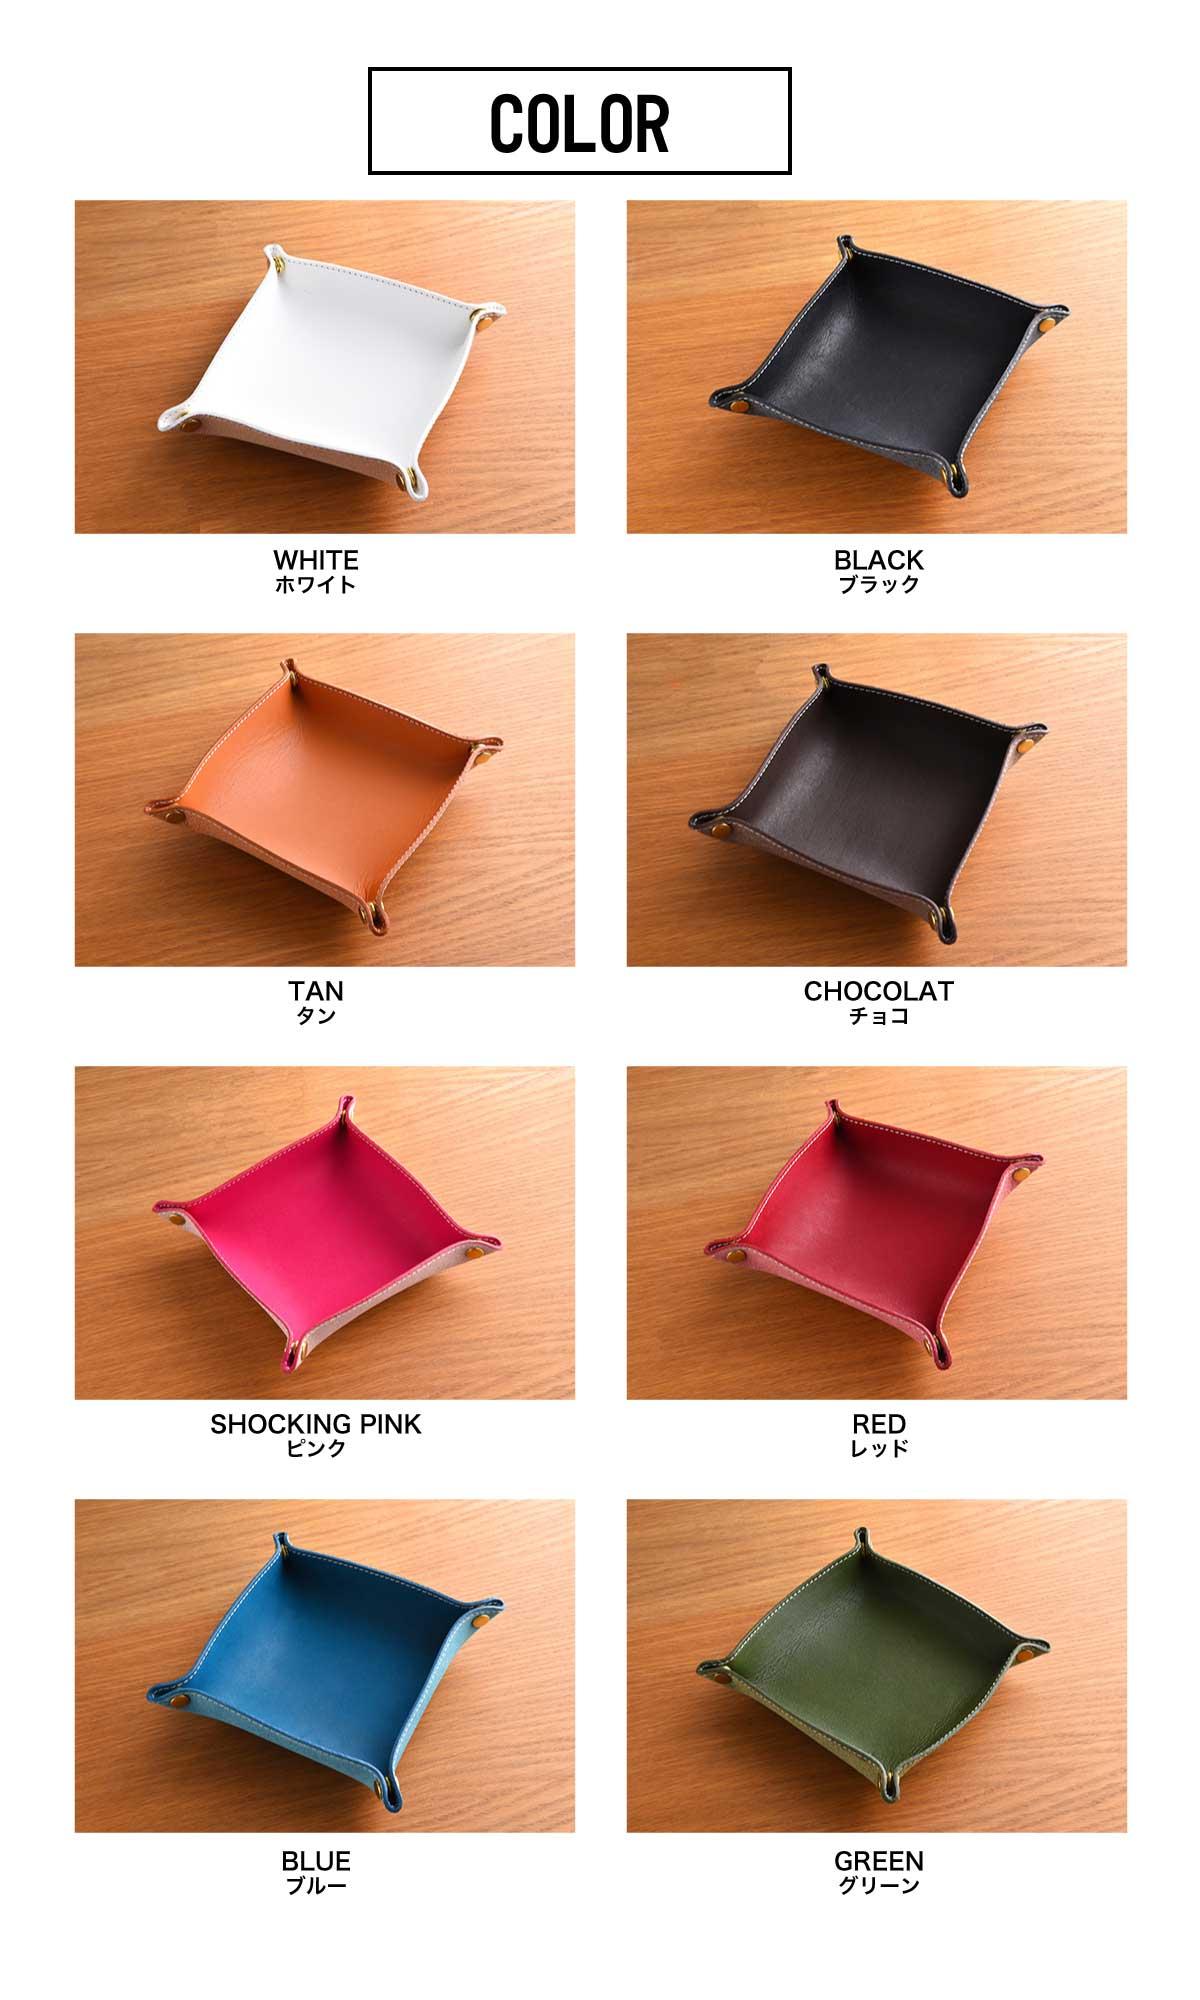 レザートレイ/正方形 カラー